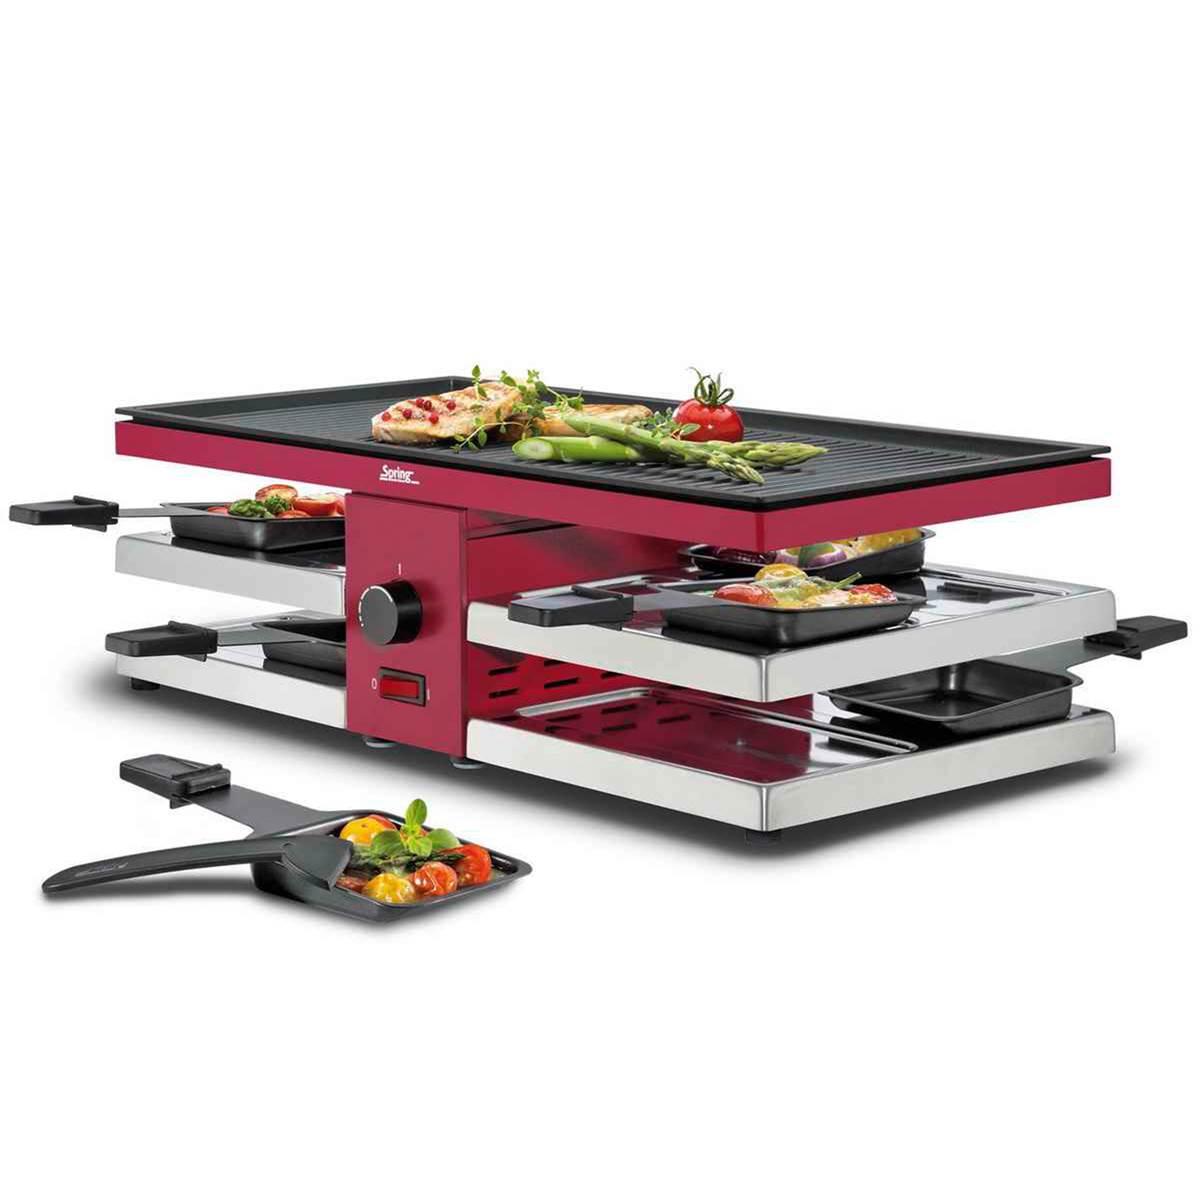 spring raclette grill 8 fun mit alugrillplatte edelstahl. Black Bedroom Furniture Sets. Home Design Ideas